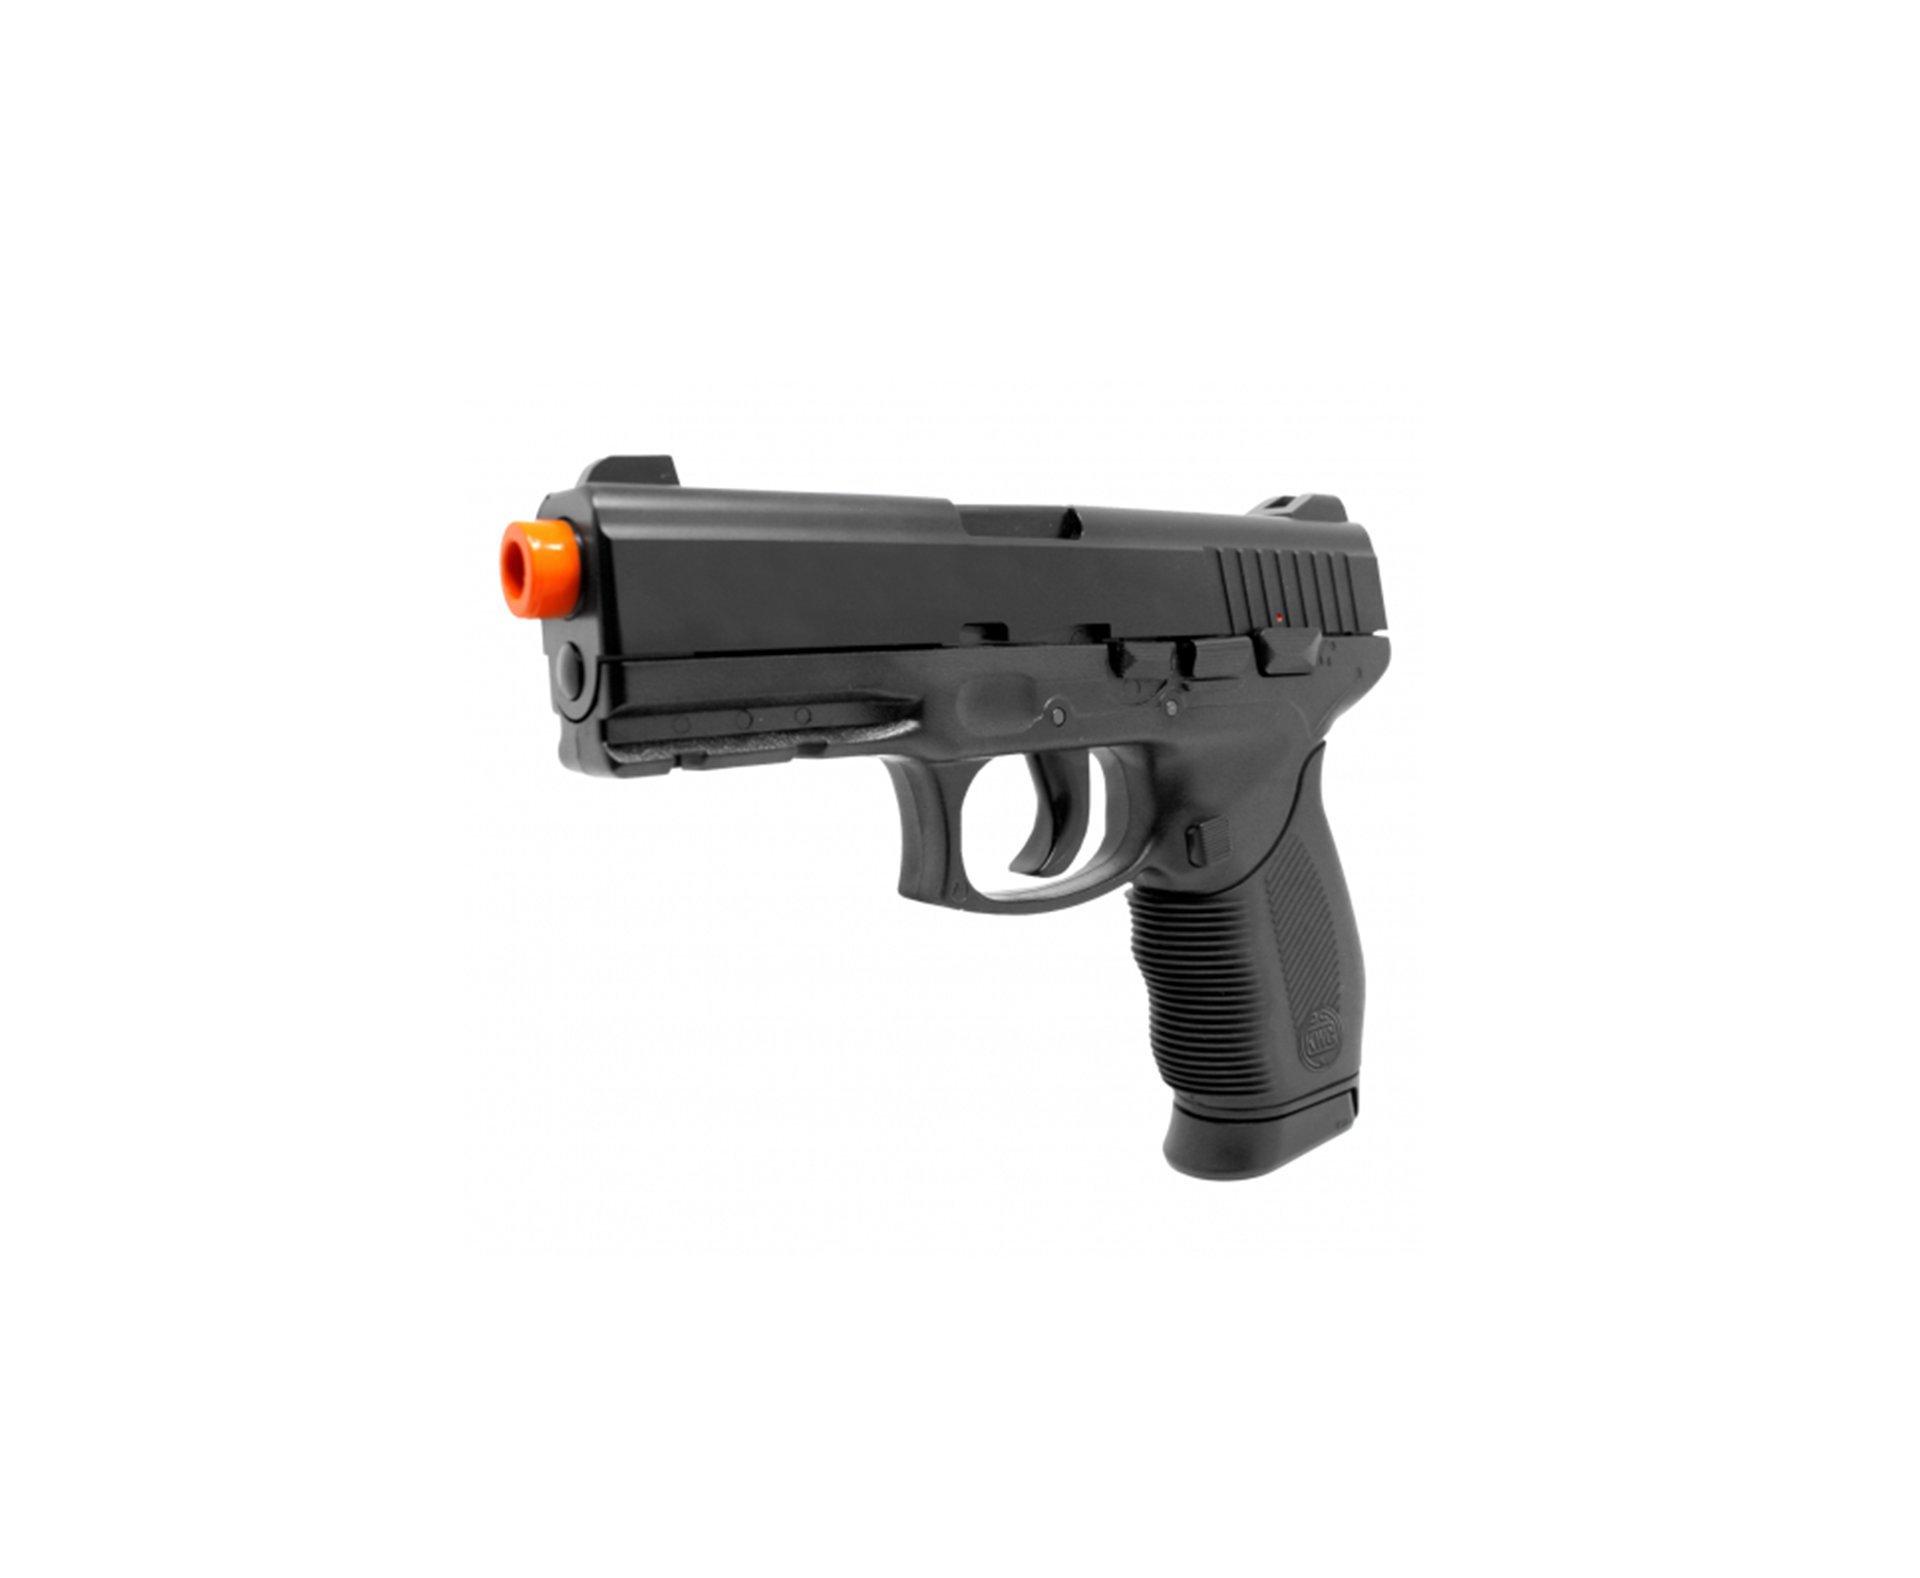 Pistola De Airsoft Pt 24/7 Semi/metal Cal 6,0mm - Kwc